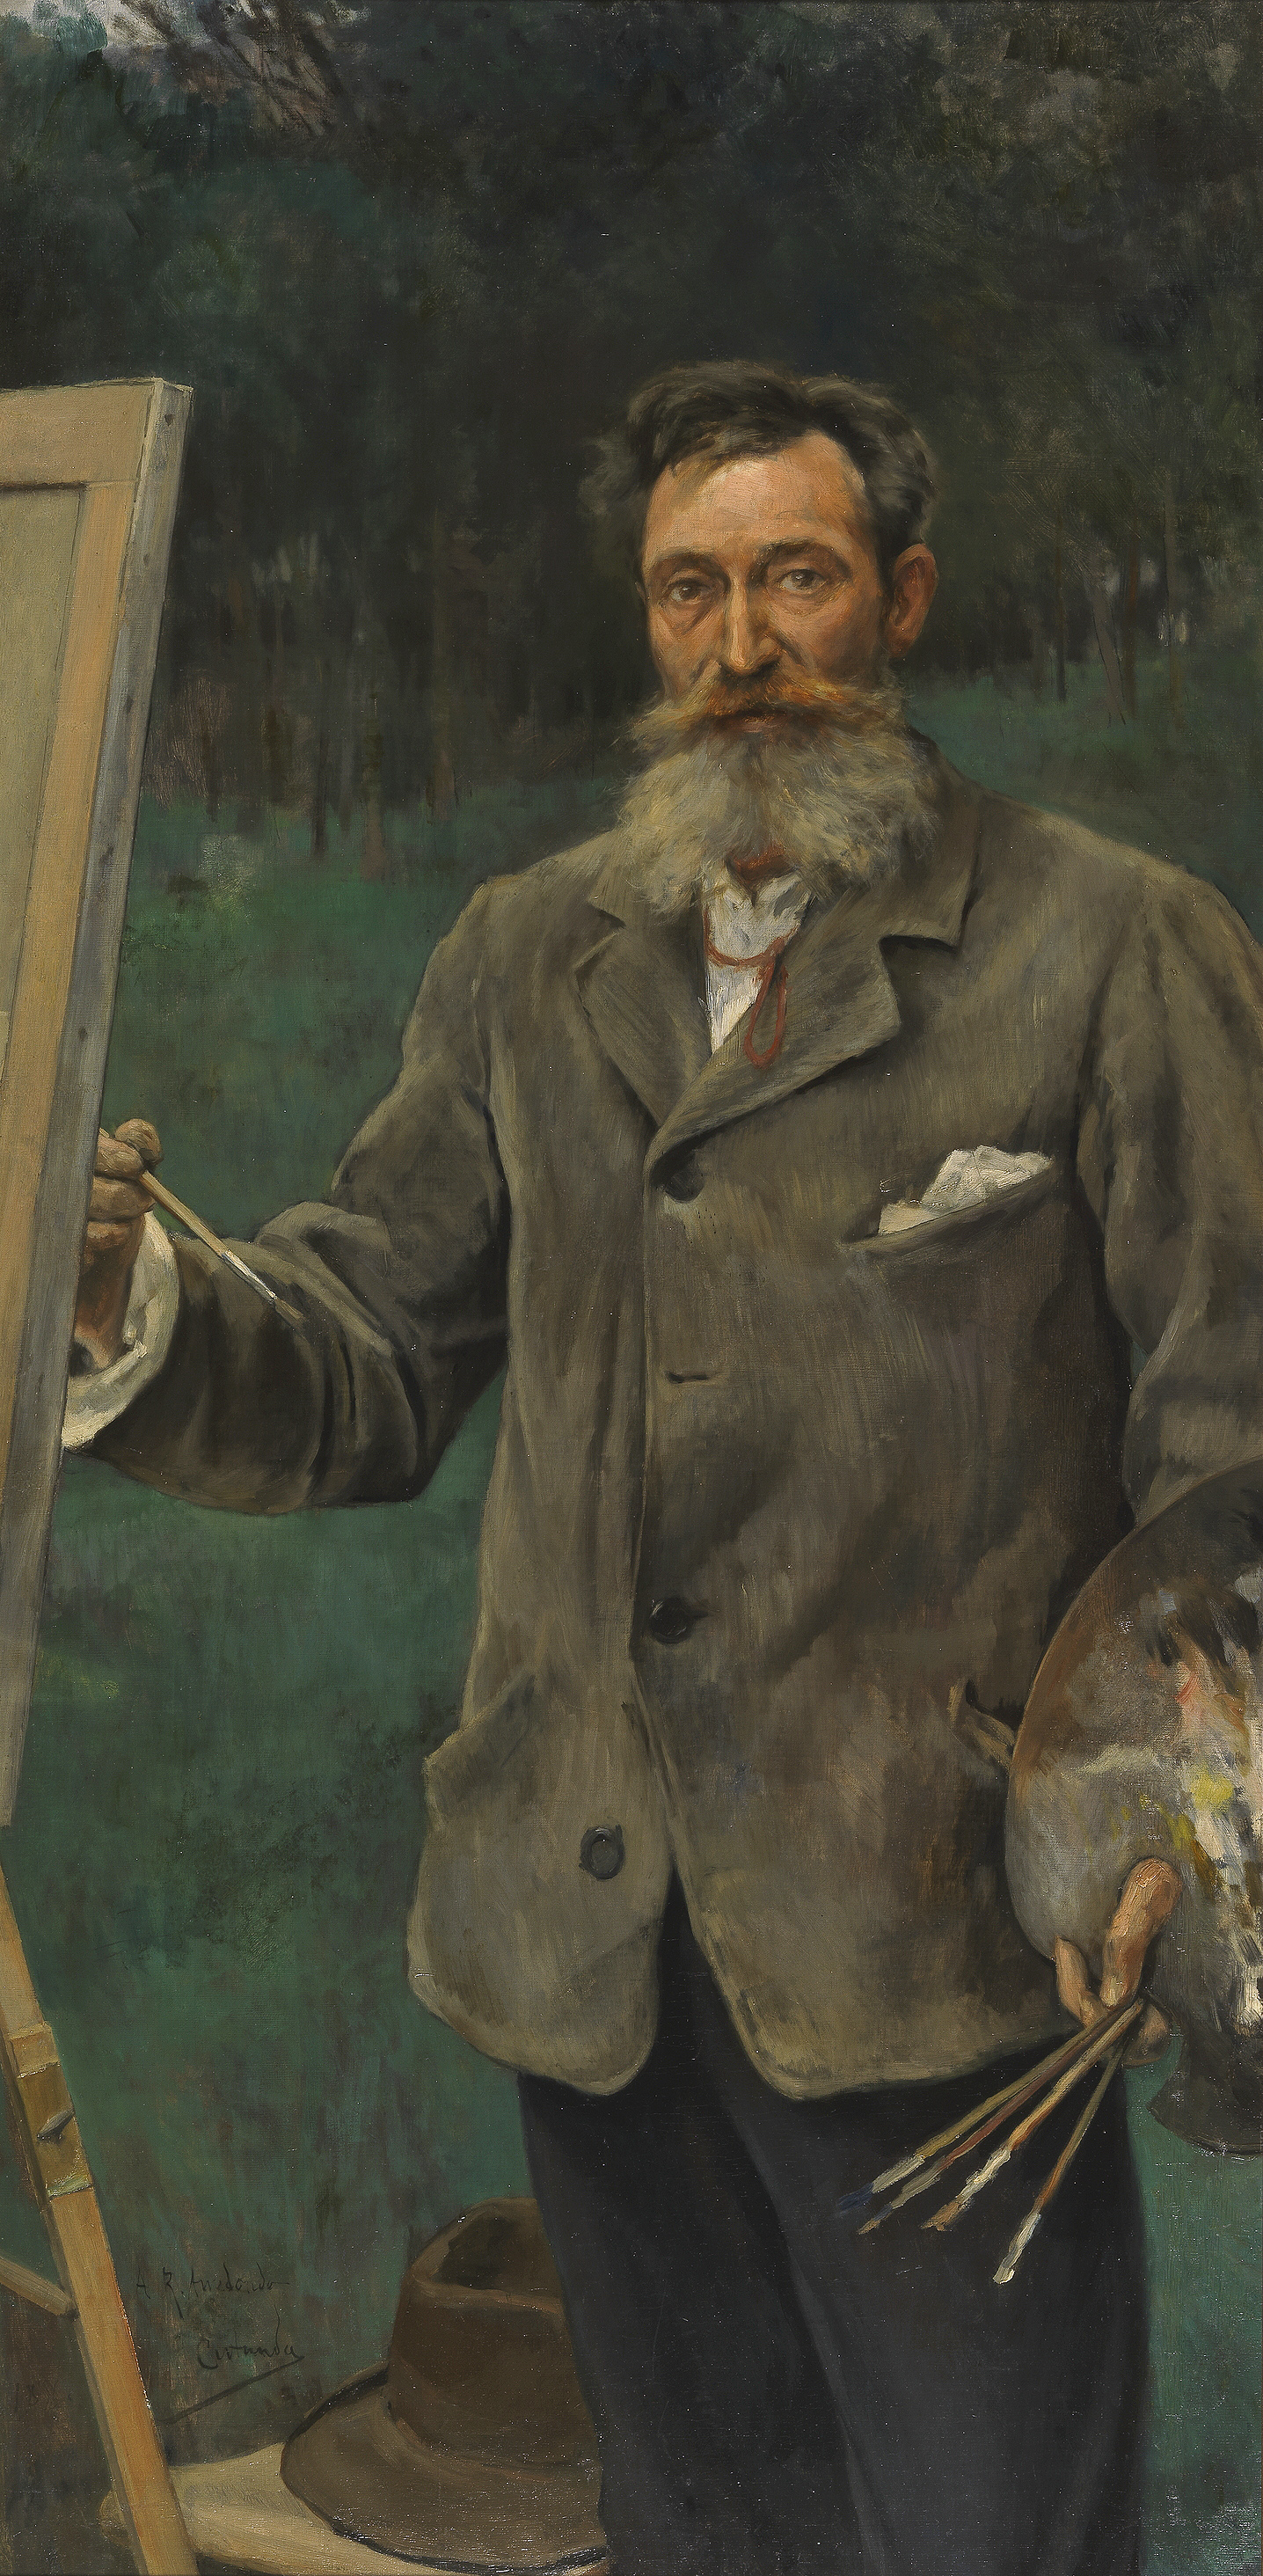 File:El pintor Ricardo Arredondo, por Vicente Cutanda